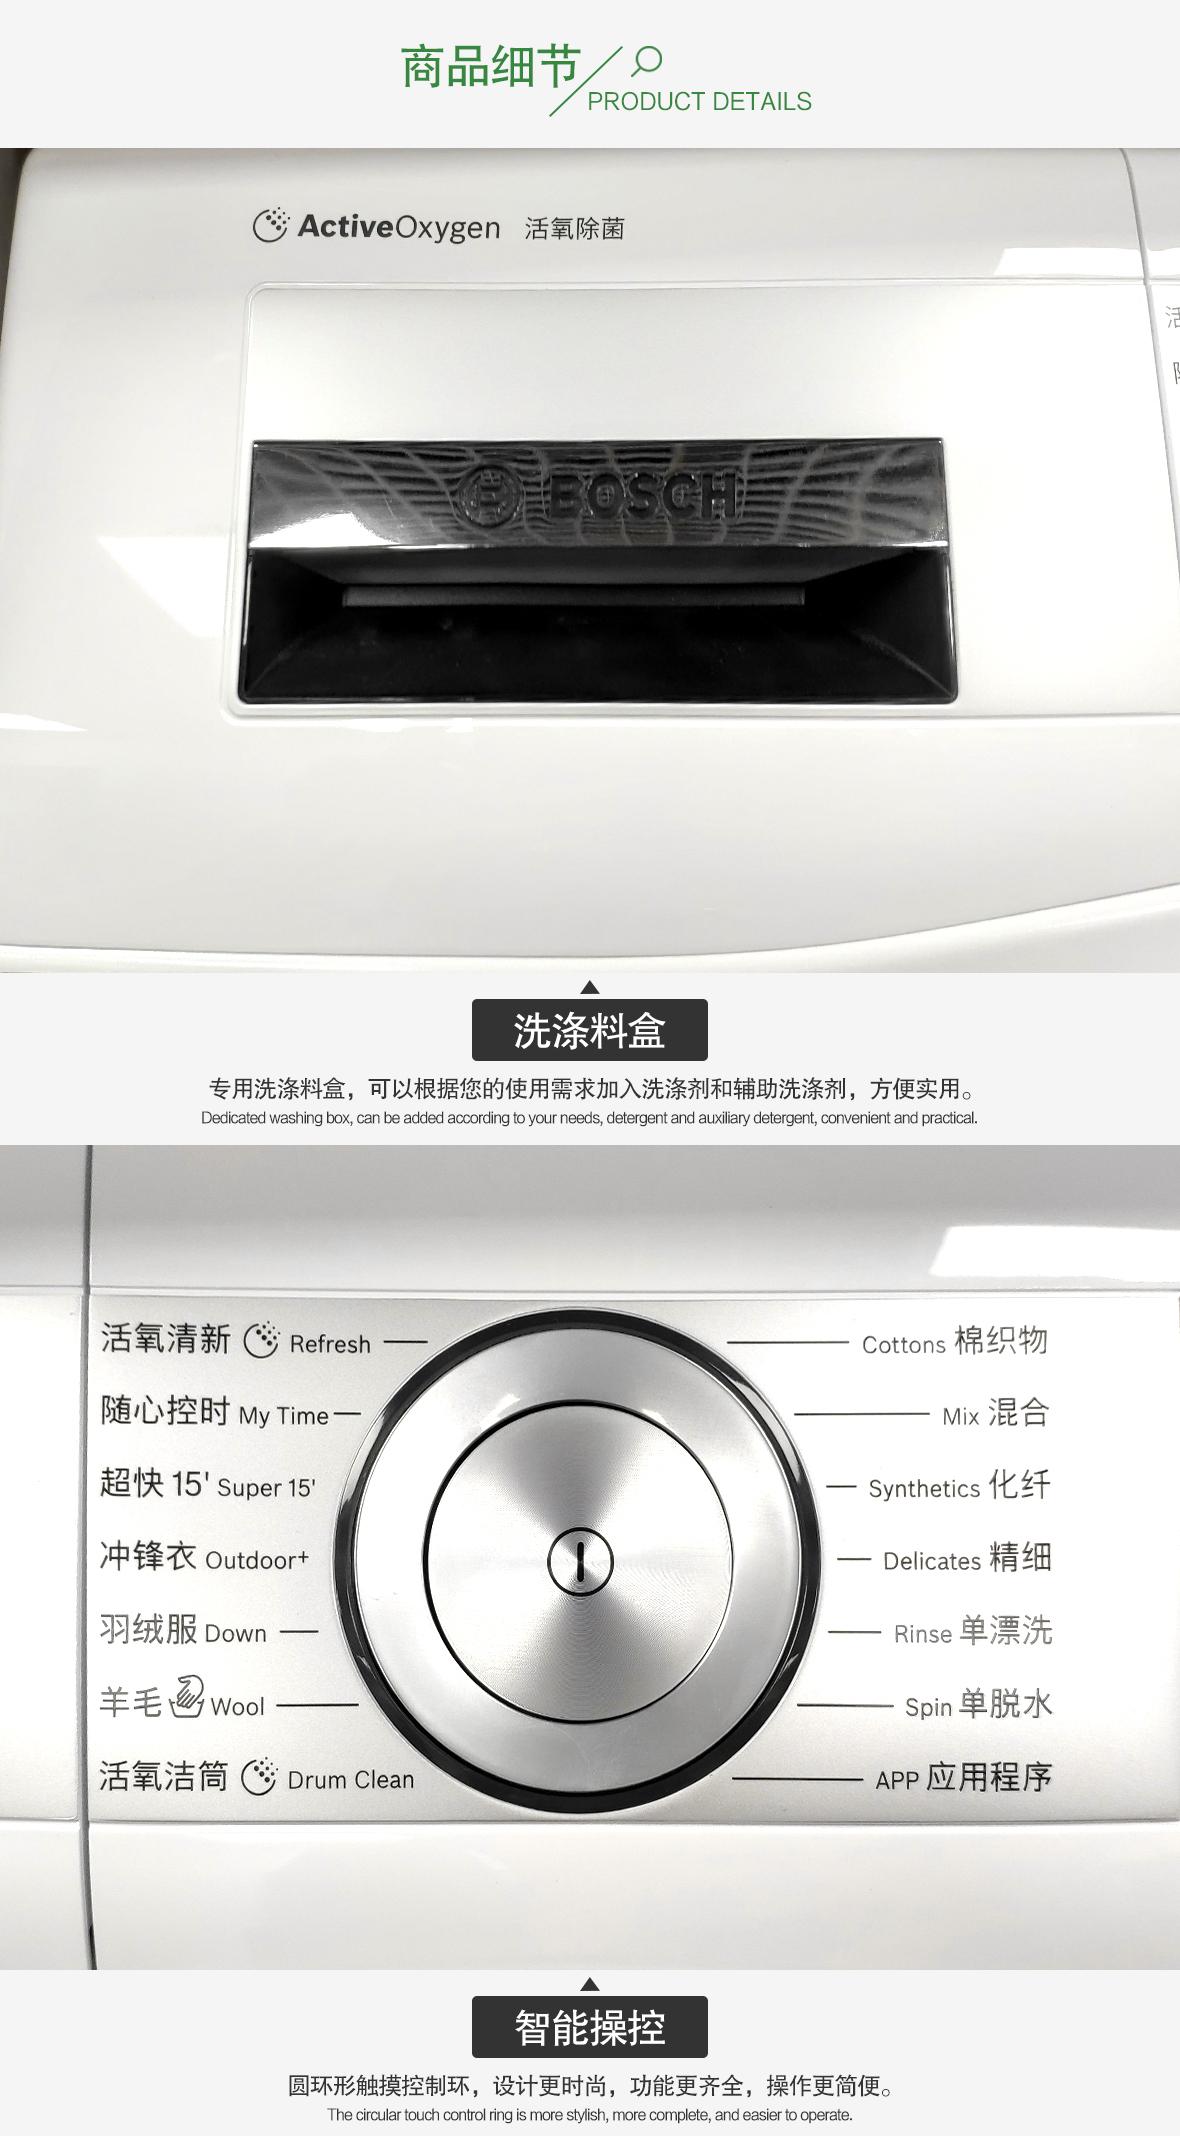 博世 WAU28760HW洗衣机 彩钢板外壳简约家用电器图片、价格、品牌、评测样样齐全!【蓝景商城正品行货,蓝景丽家大钟寺家居广场提货,北京地区配送,领券更优惠,线上线下同品同价,立即购买享受更多优惠哦!】